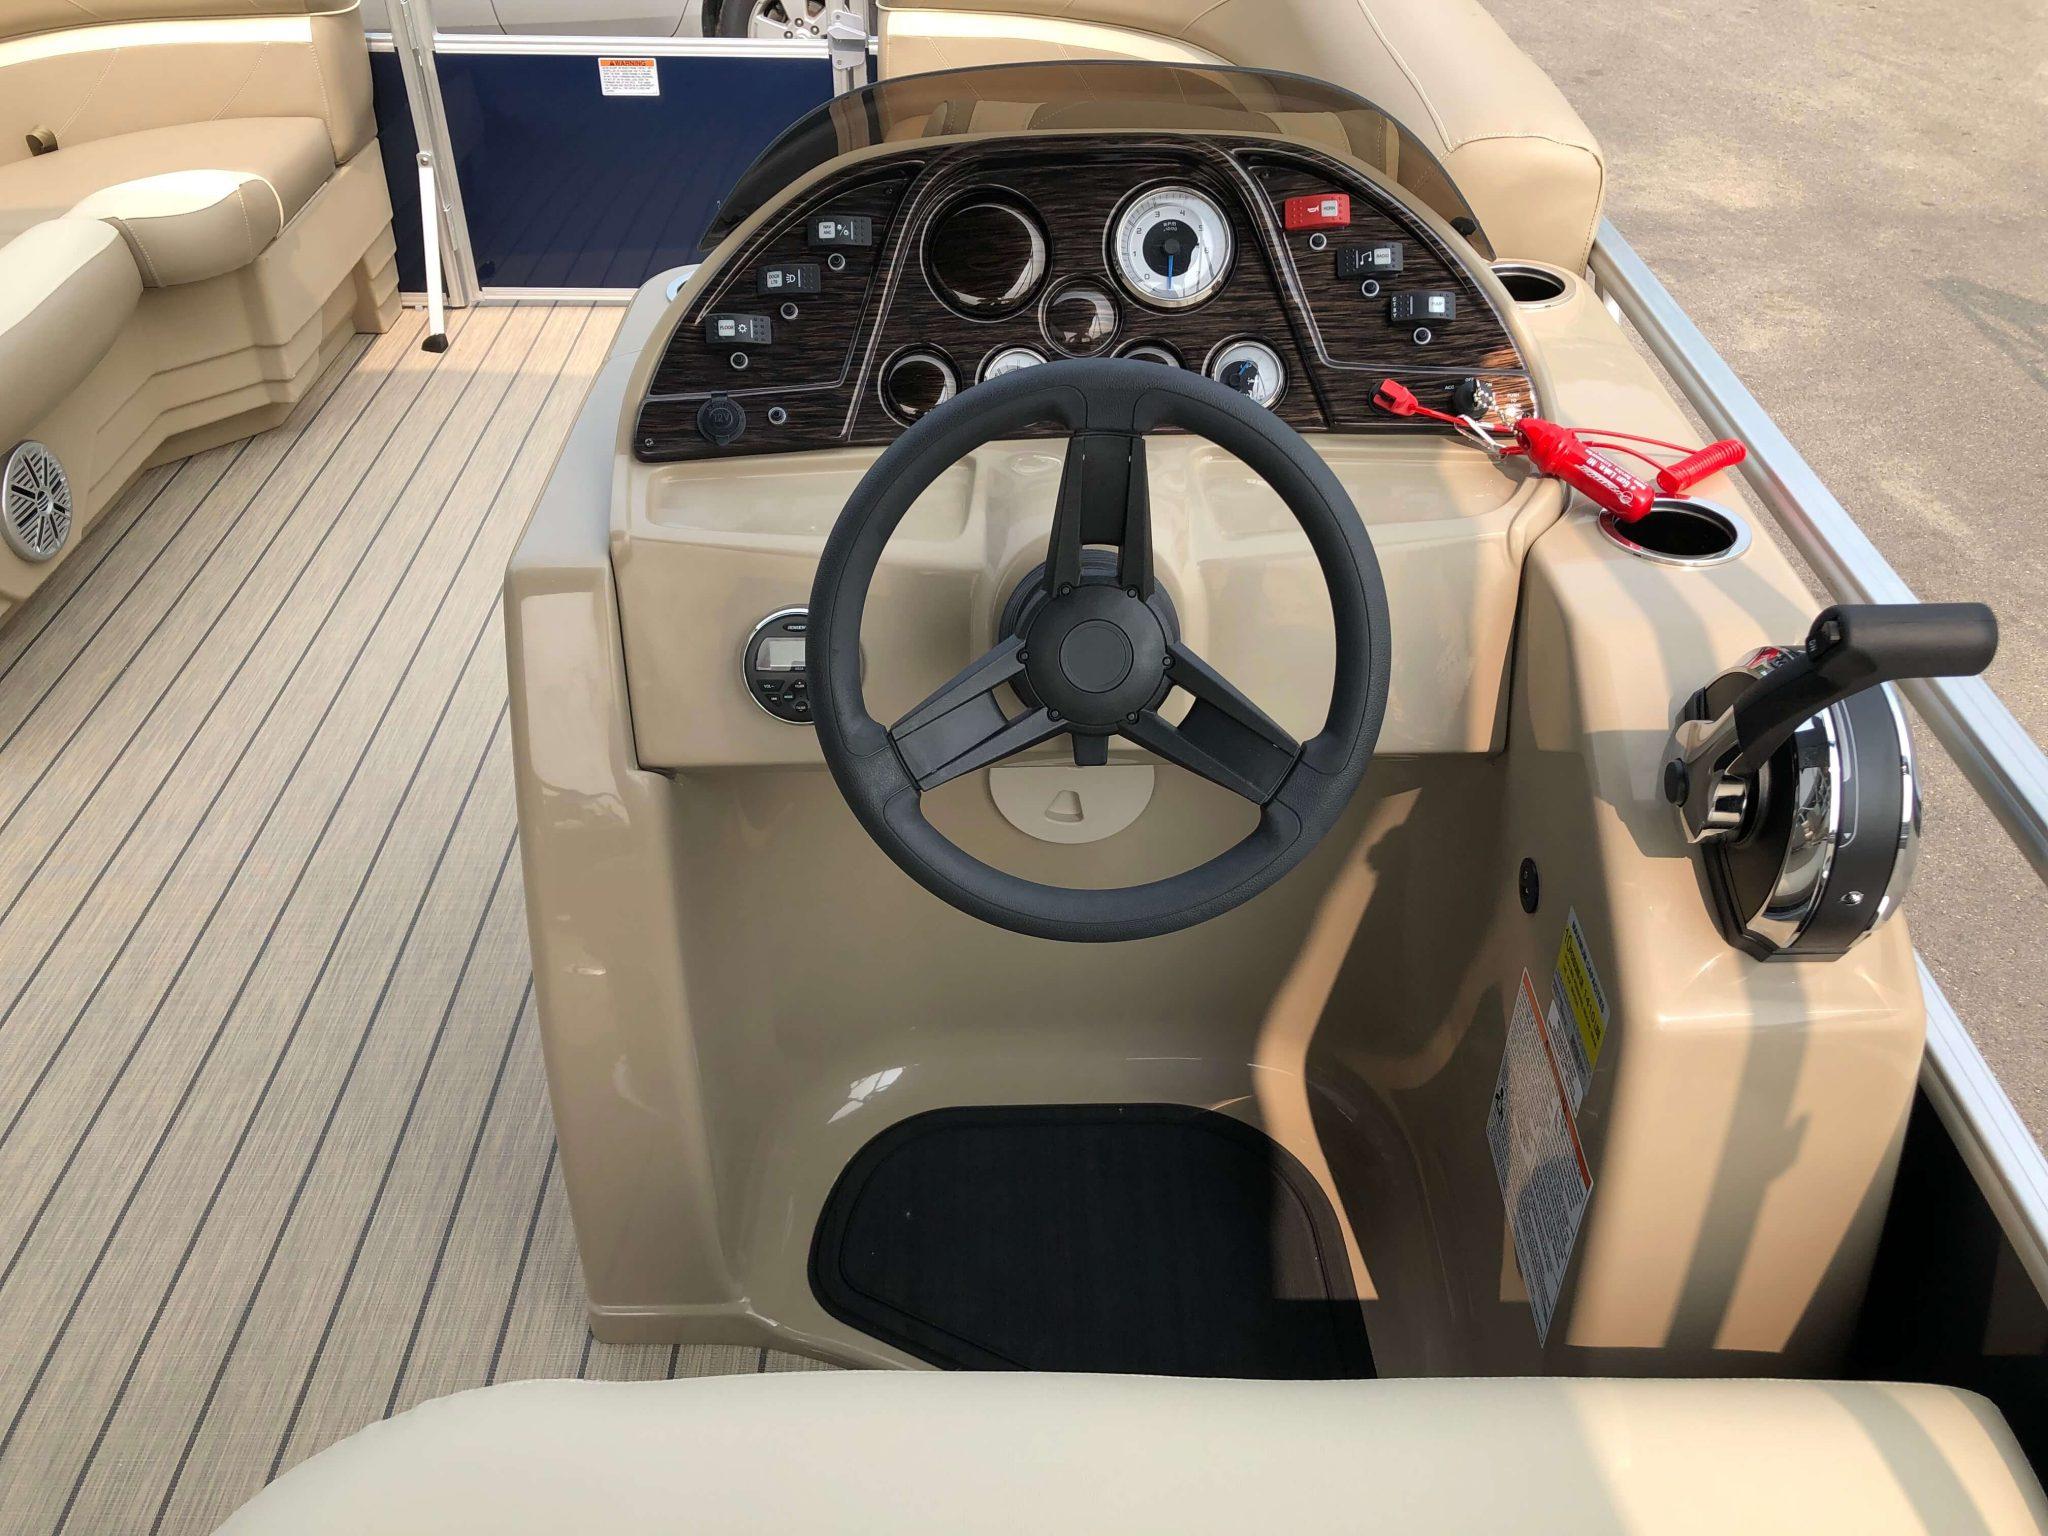 2019 Sunchaser Geneva 20 LR SB Blue White Helm 1